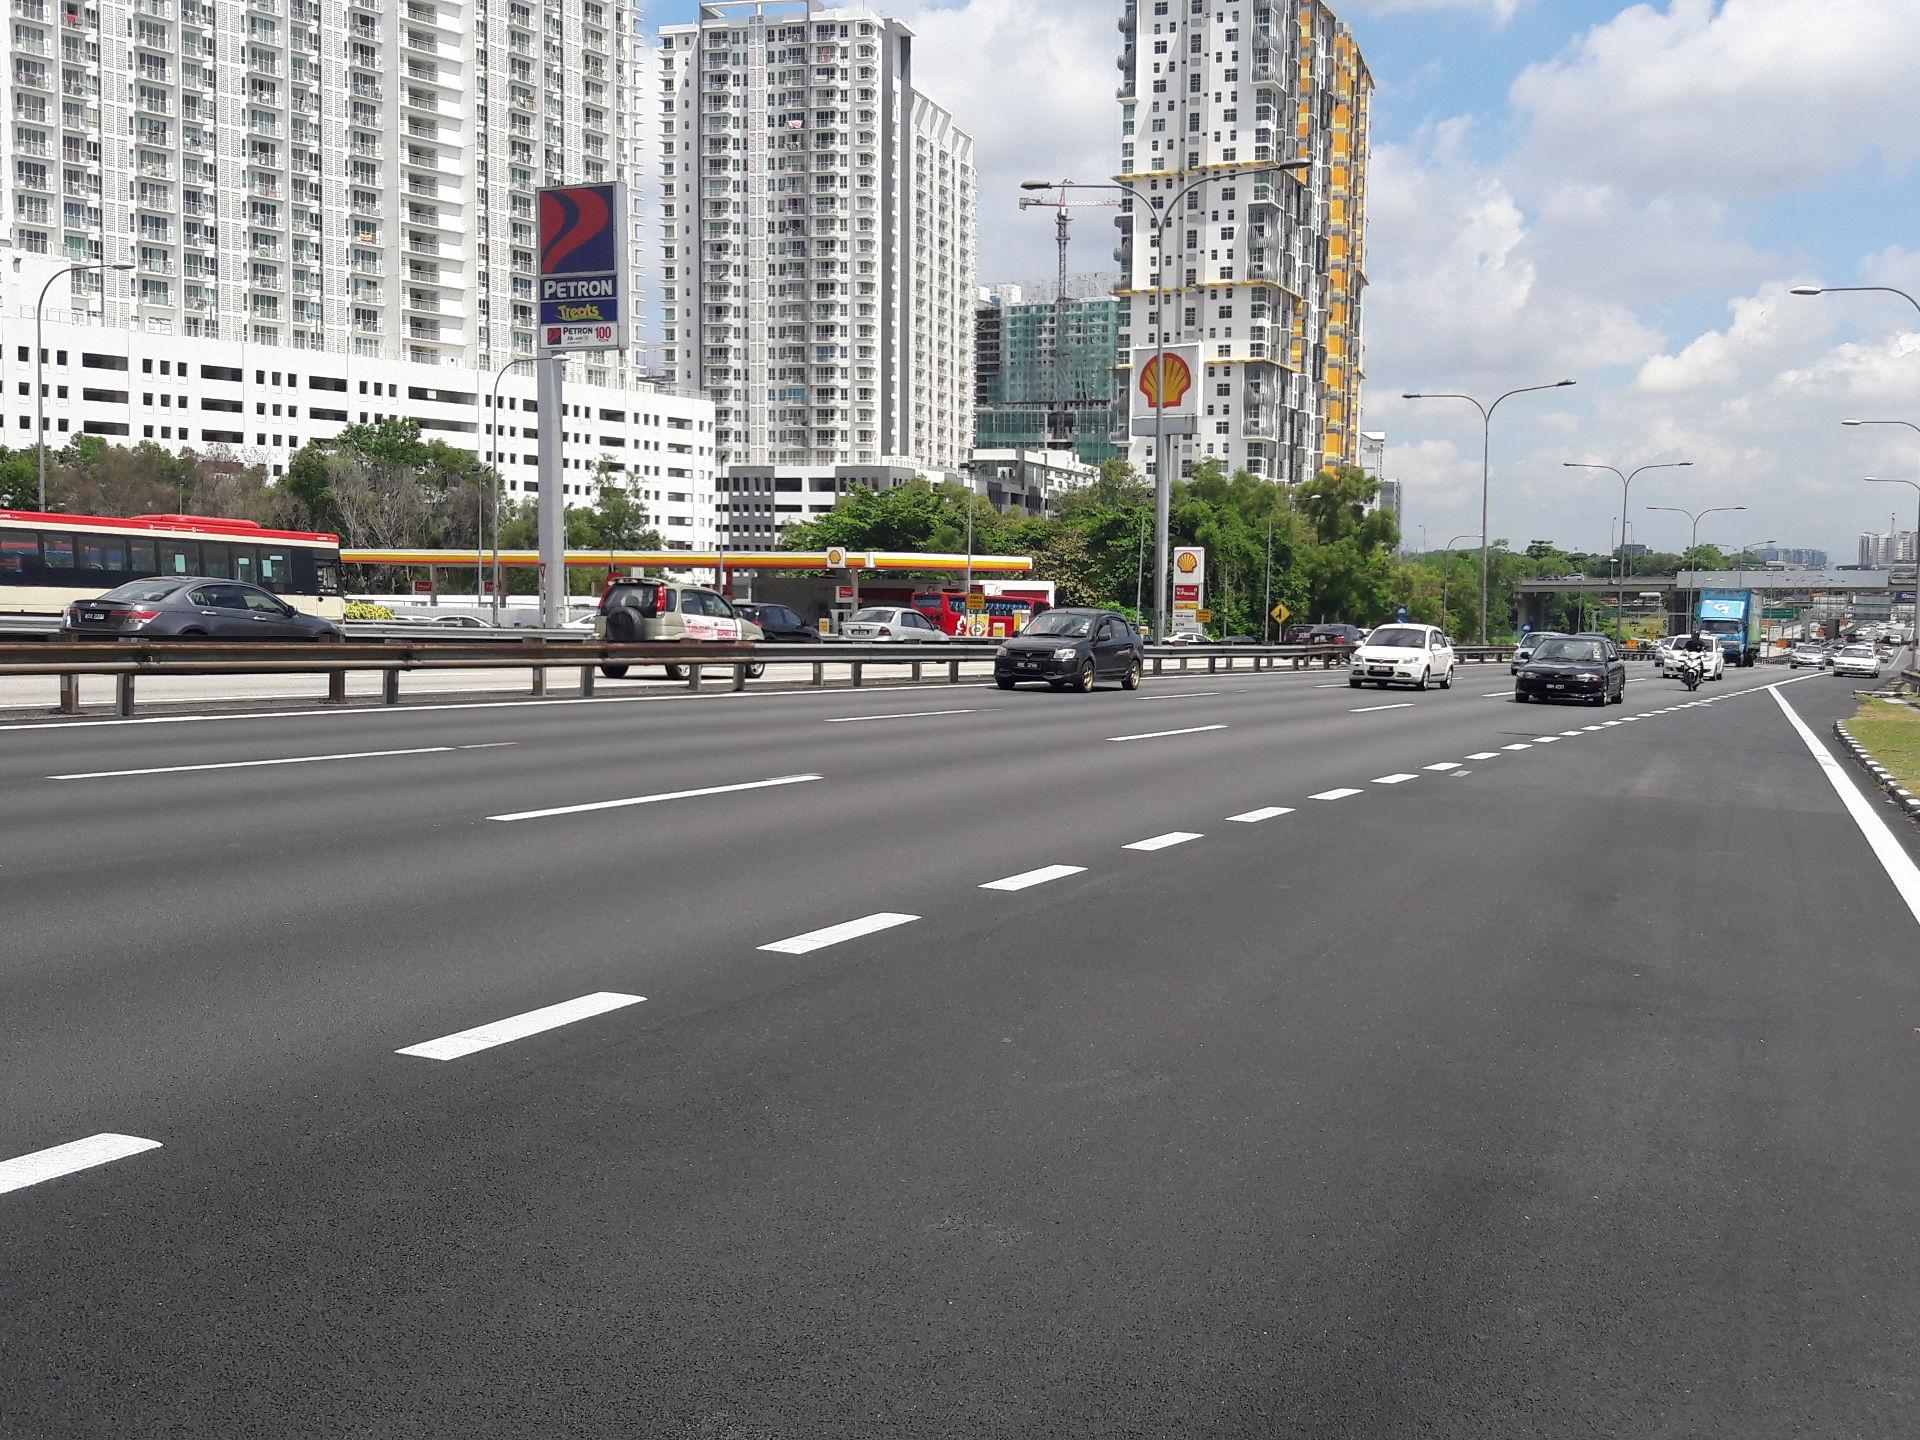 autoroute de klang en Malaisie